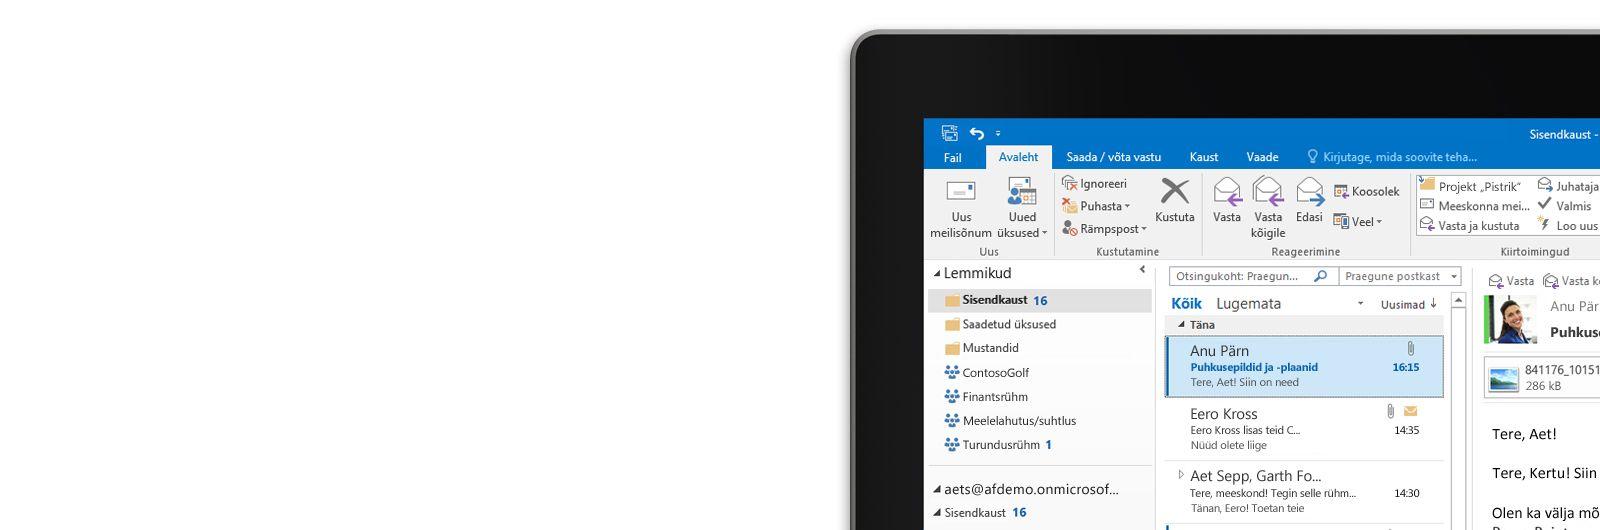 Tahvelarvuti ekraan, kus on näha Microsoft Outlook 2013 postkast koos sõnumiloendi ja eelvaatega.